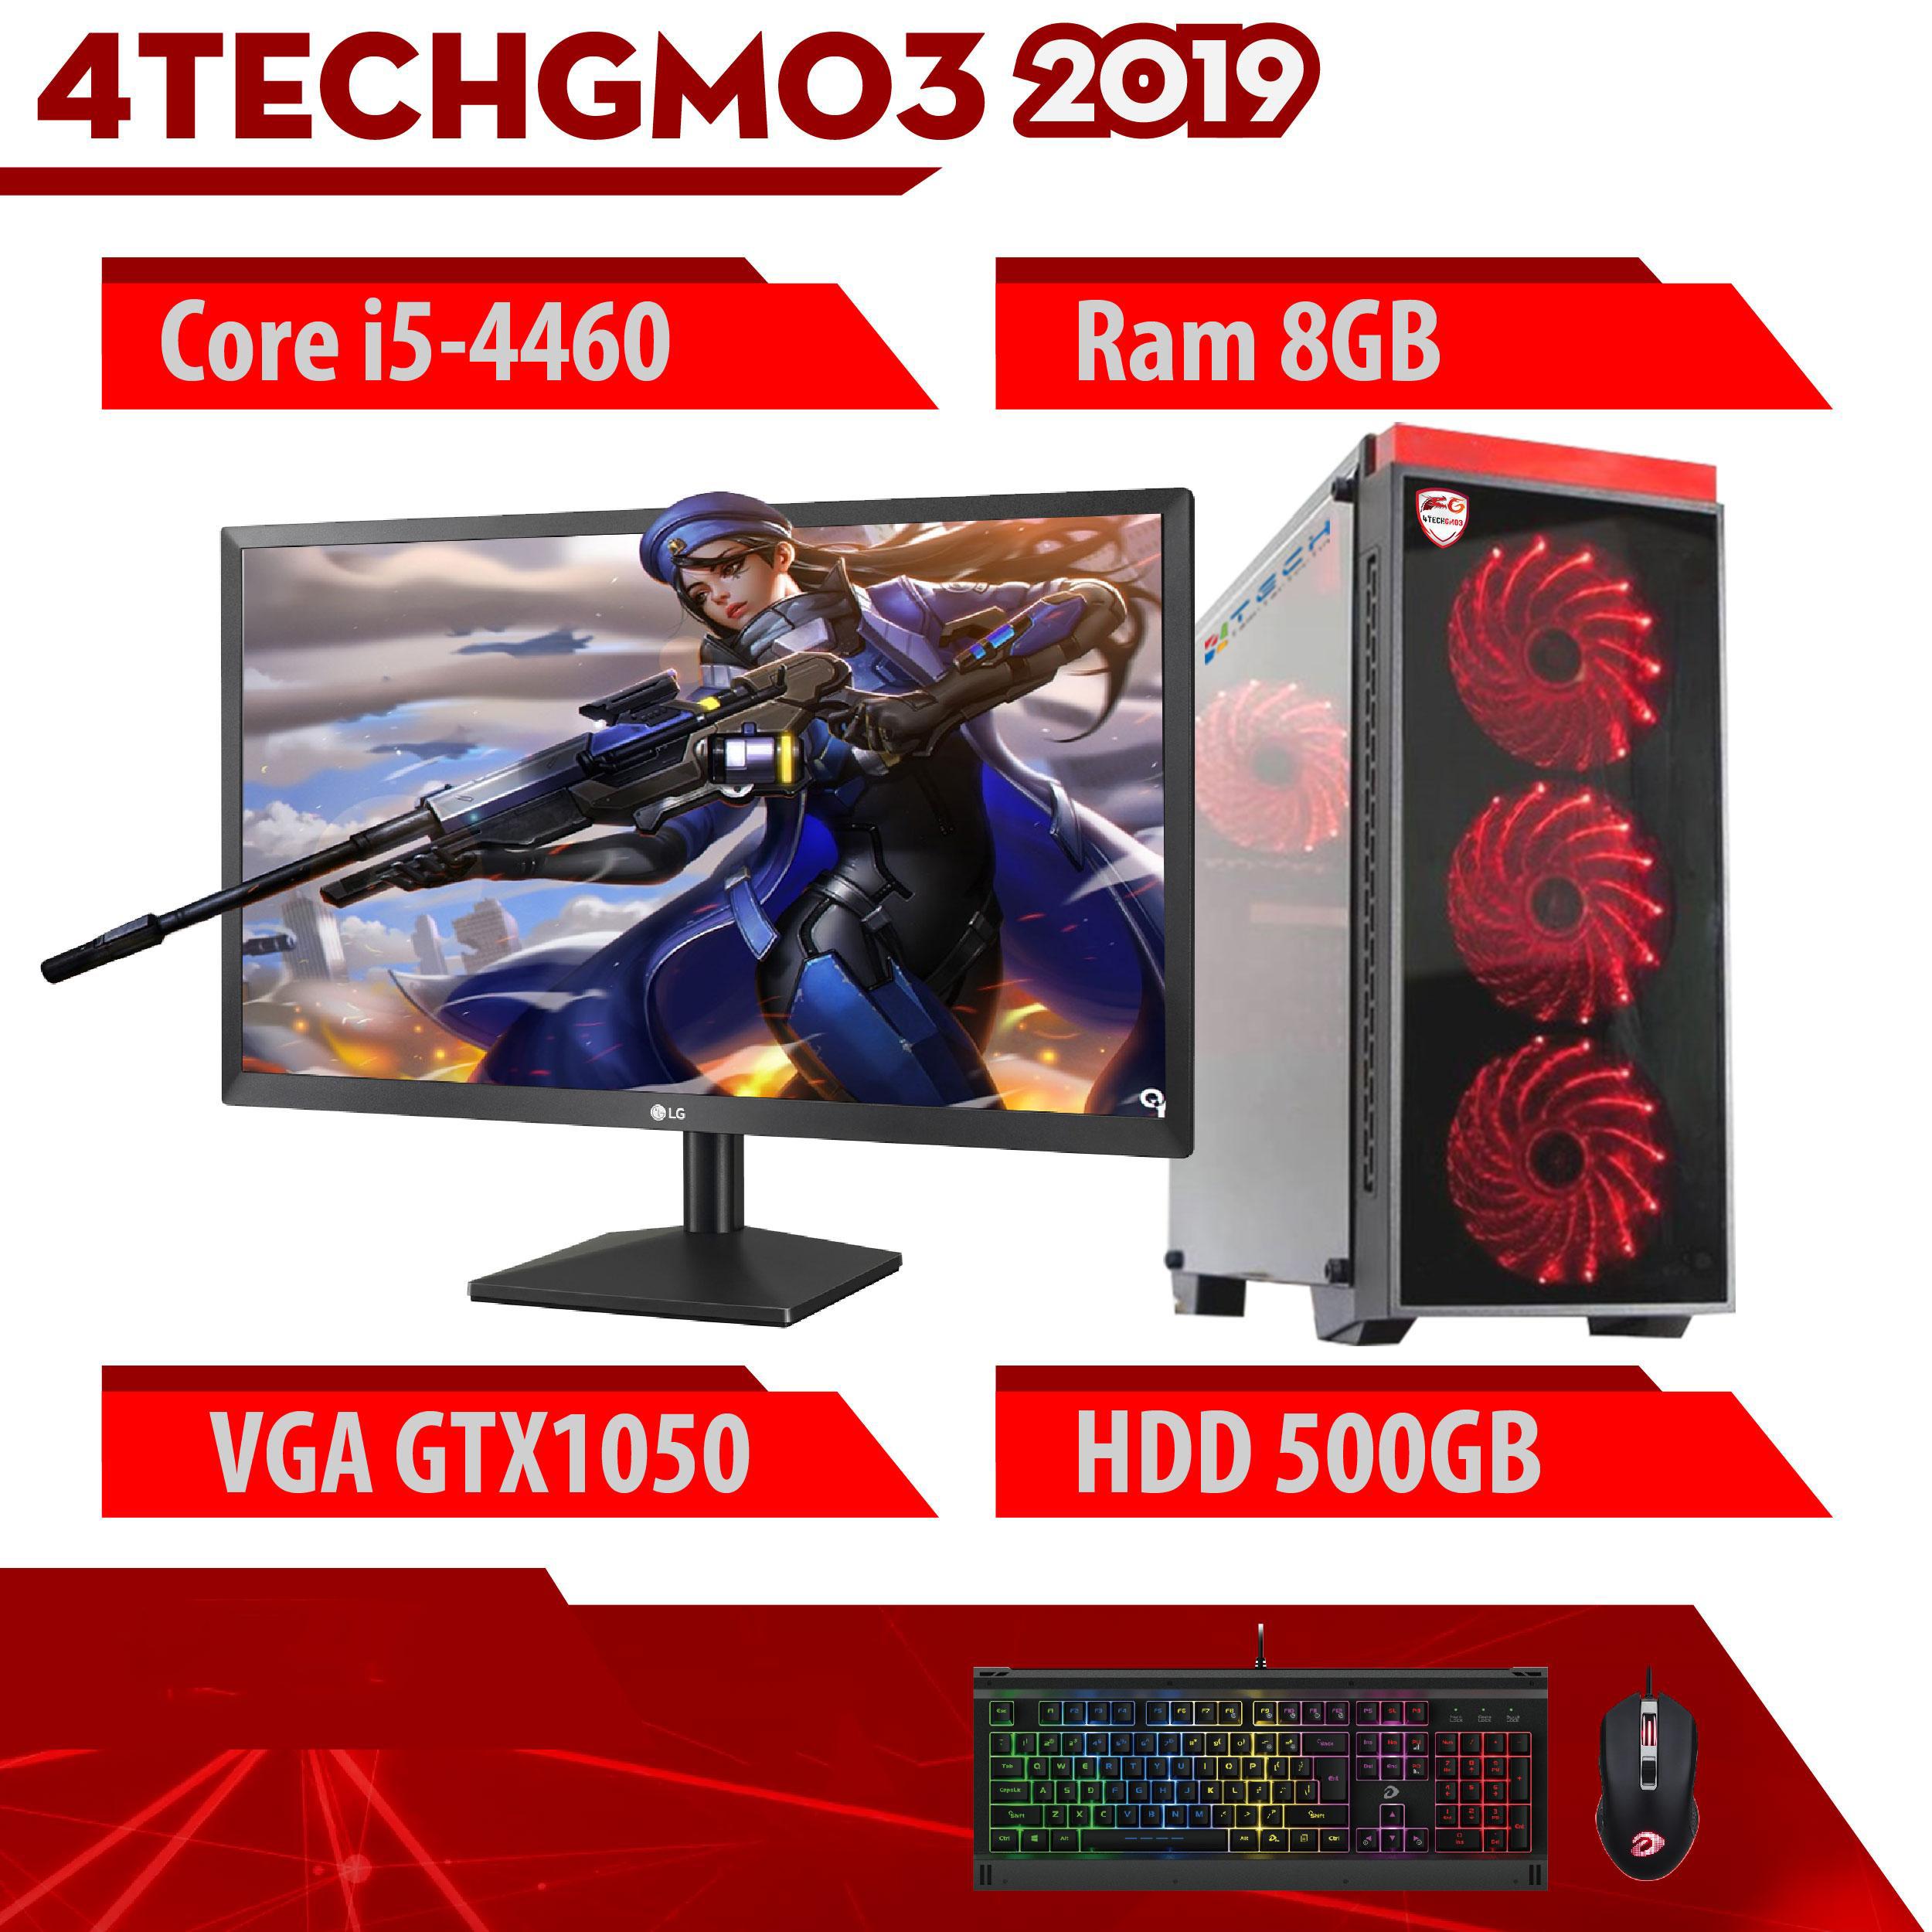 Bộ máy tính để bàn chơi Game VIP đời cao cấu hình khủng giá tốt 4TechGM03 2019 Core i5, Ram 8GB, SSD + HDD, Vga 1050, PC Gaming kèm màn hình 22inch. - Hàng Chính Hãng.